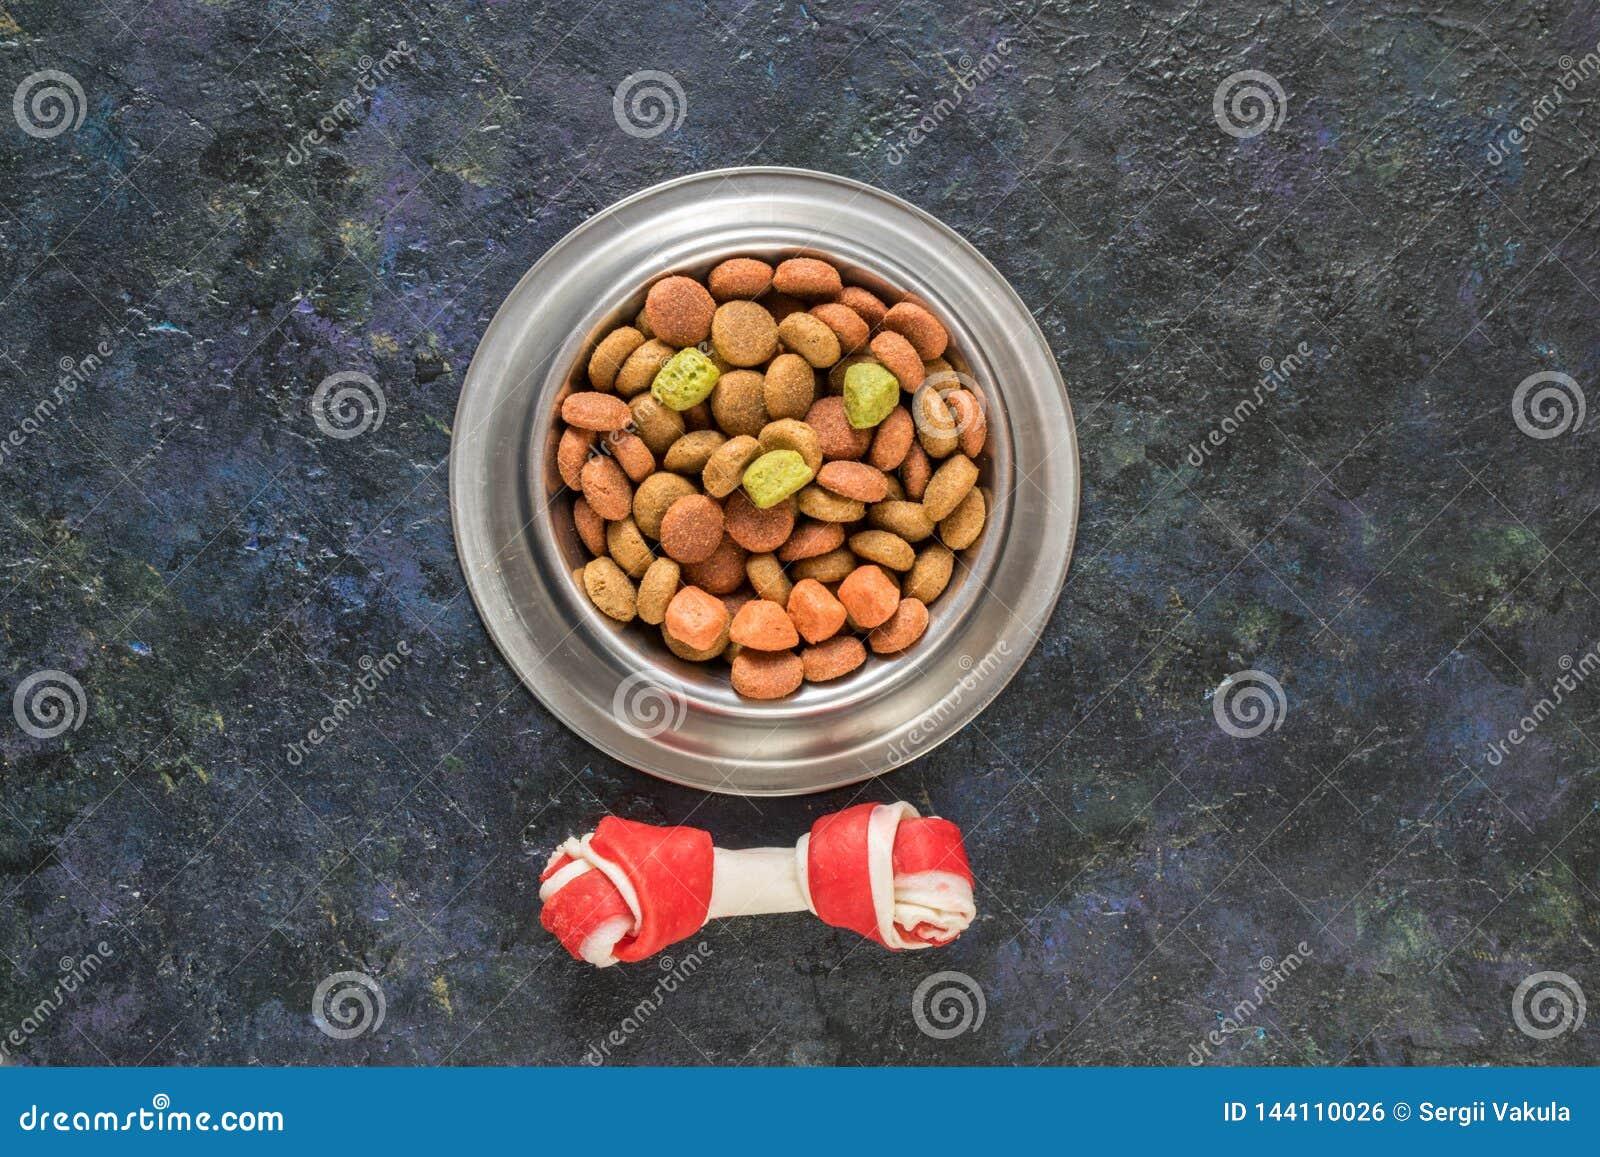 Alimento para cães na bacia metálica em escuro preto - fundo azul